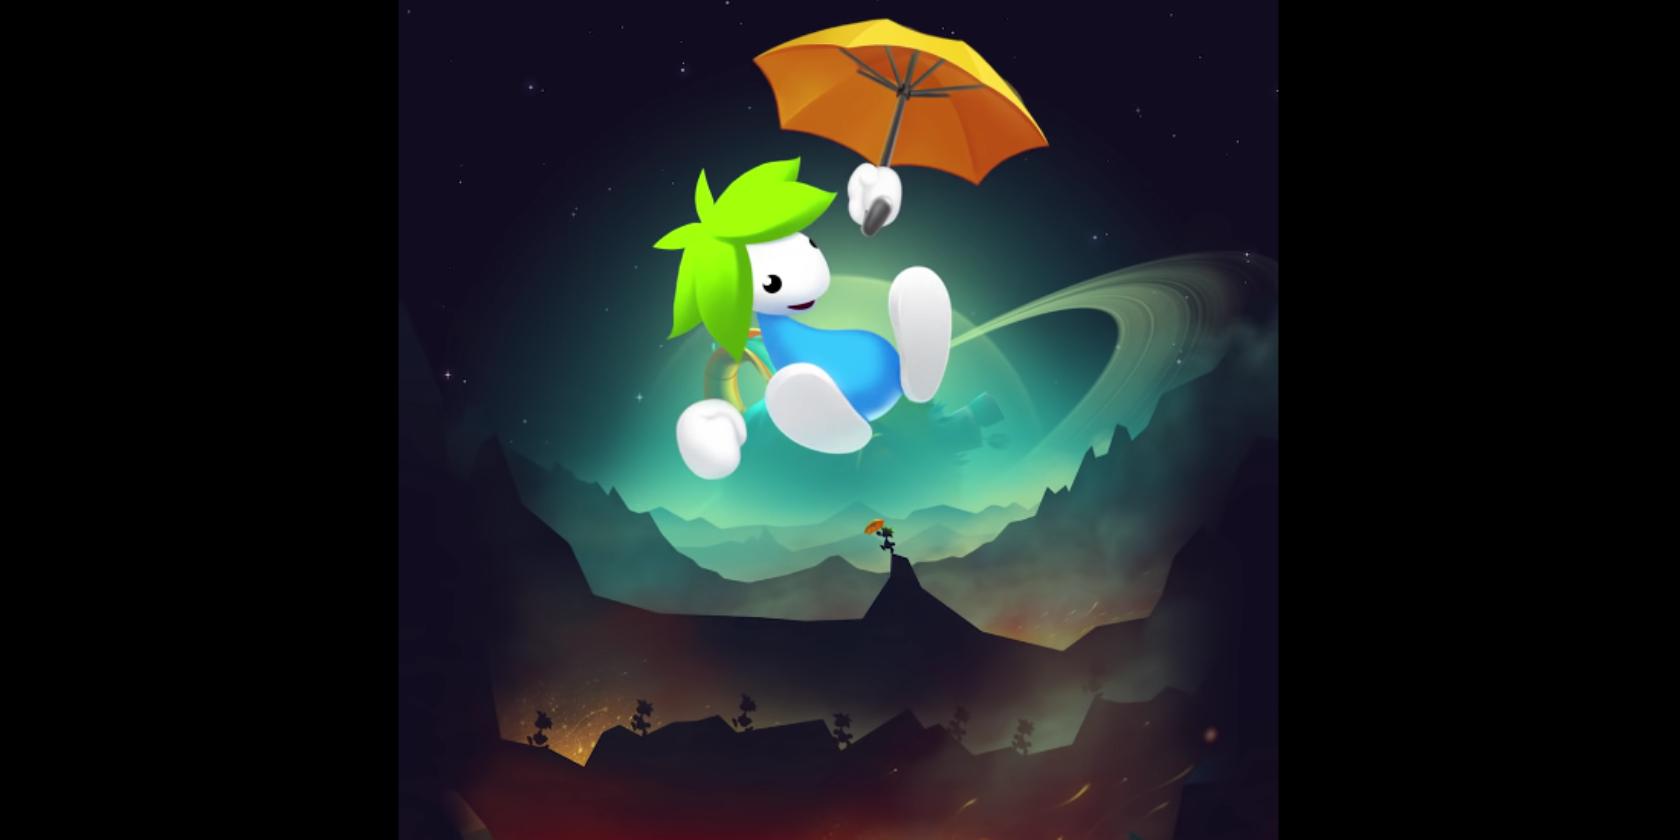 Игра-головоломка Лемминги на Android и iOS